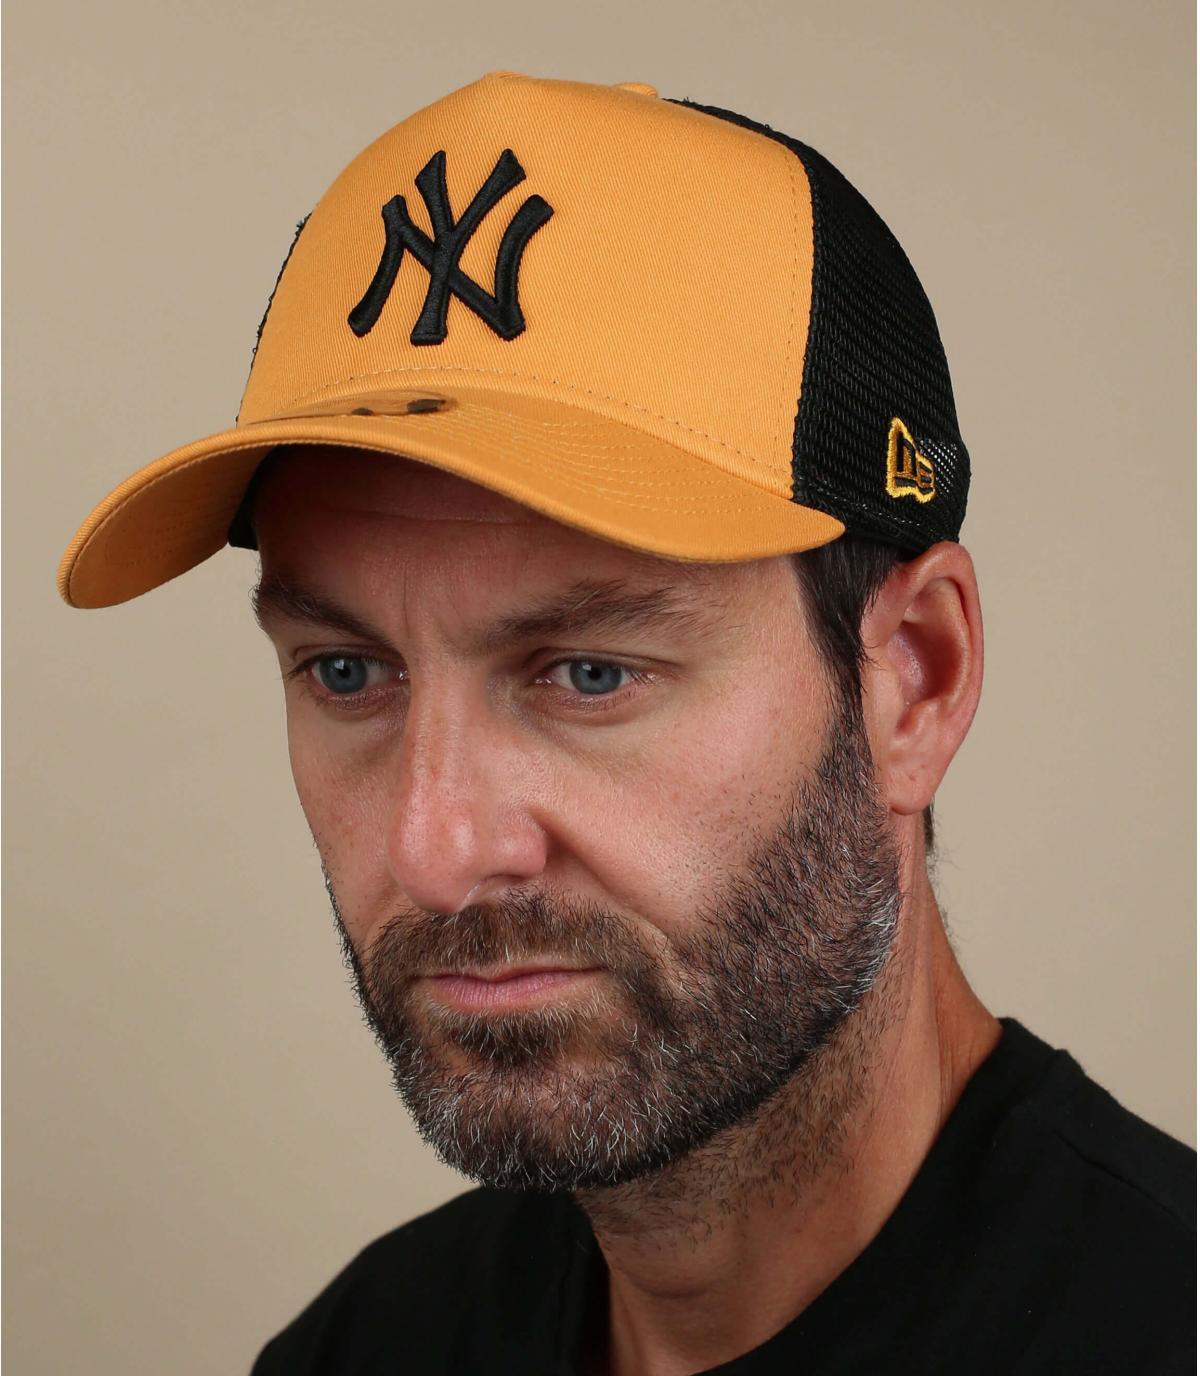 yellow NY trucker